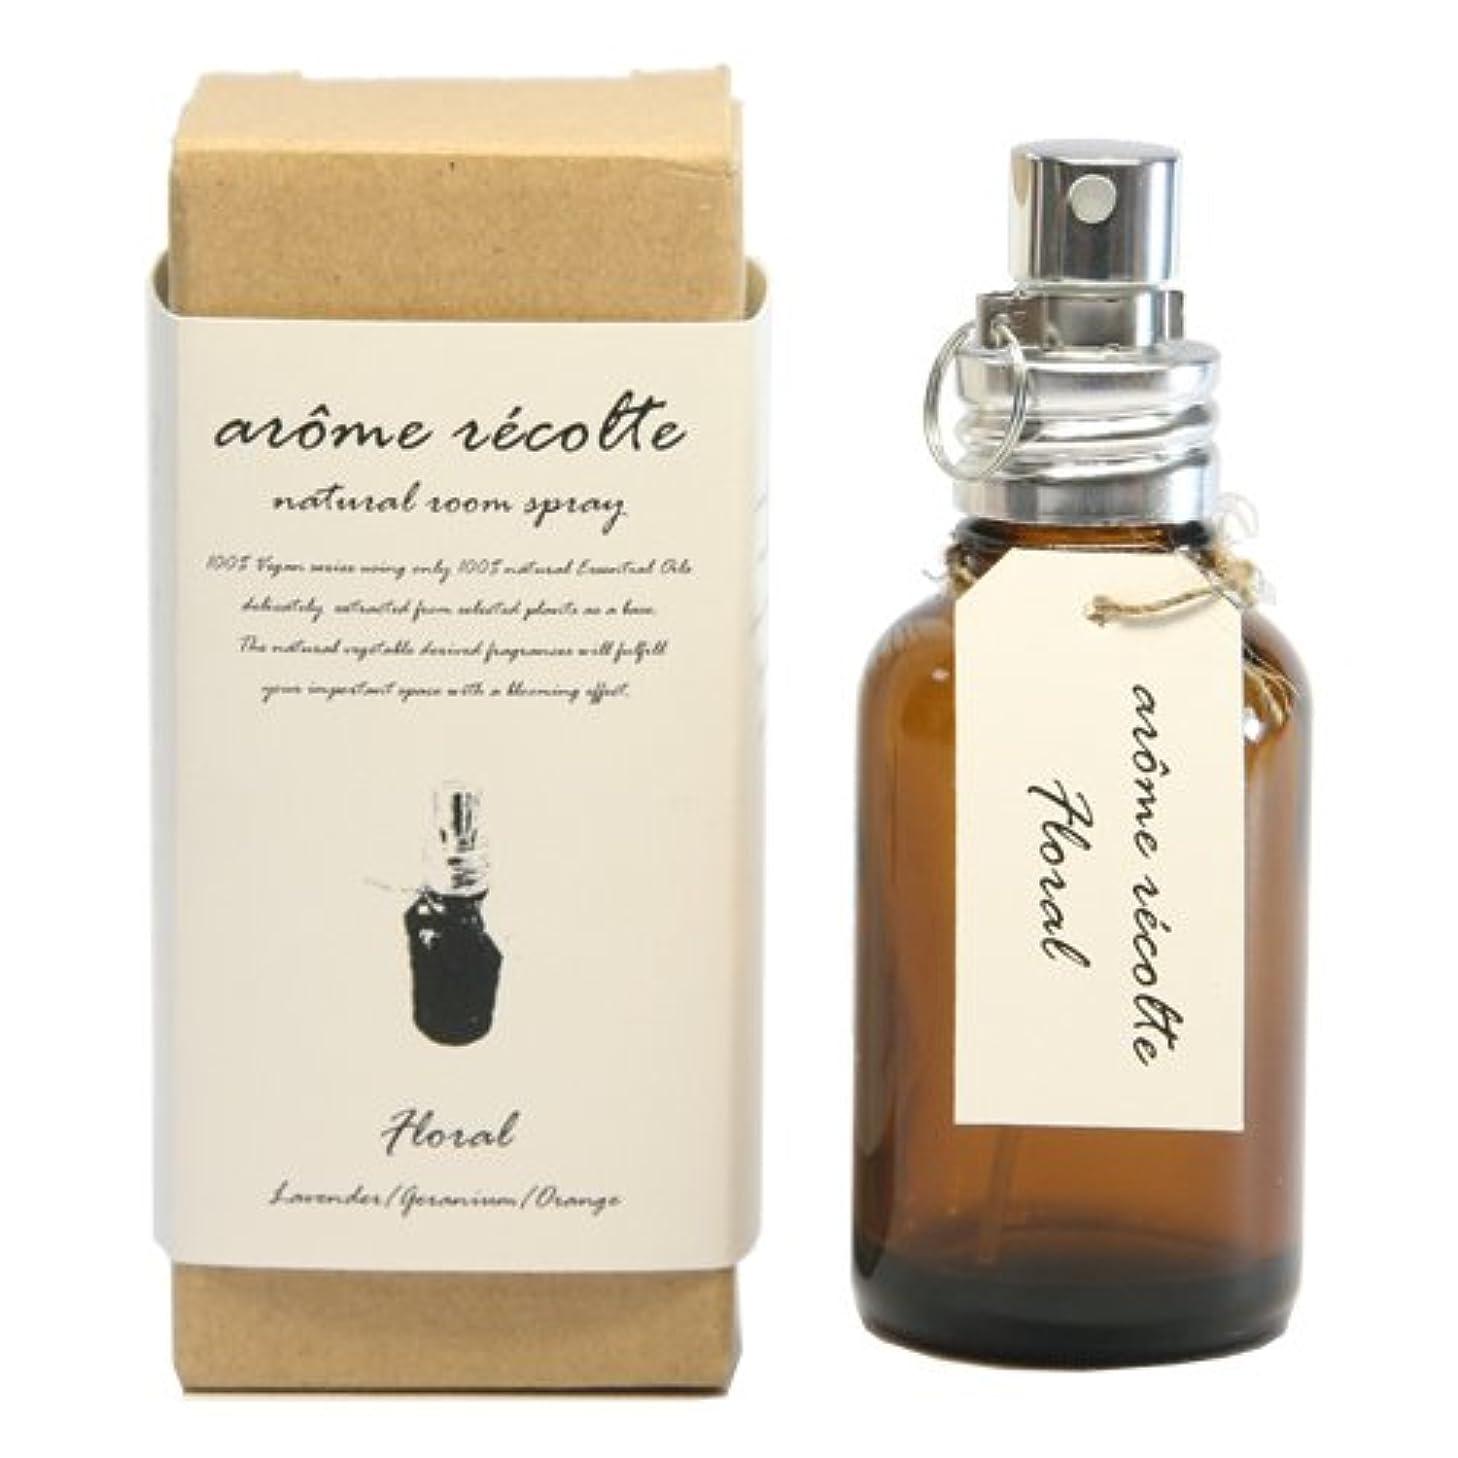 粘り強い静かに署名アロマレコルト ナチュラルルームスプレー  フローラル【Floral】 arome rcolte